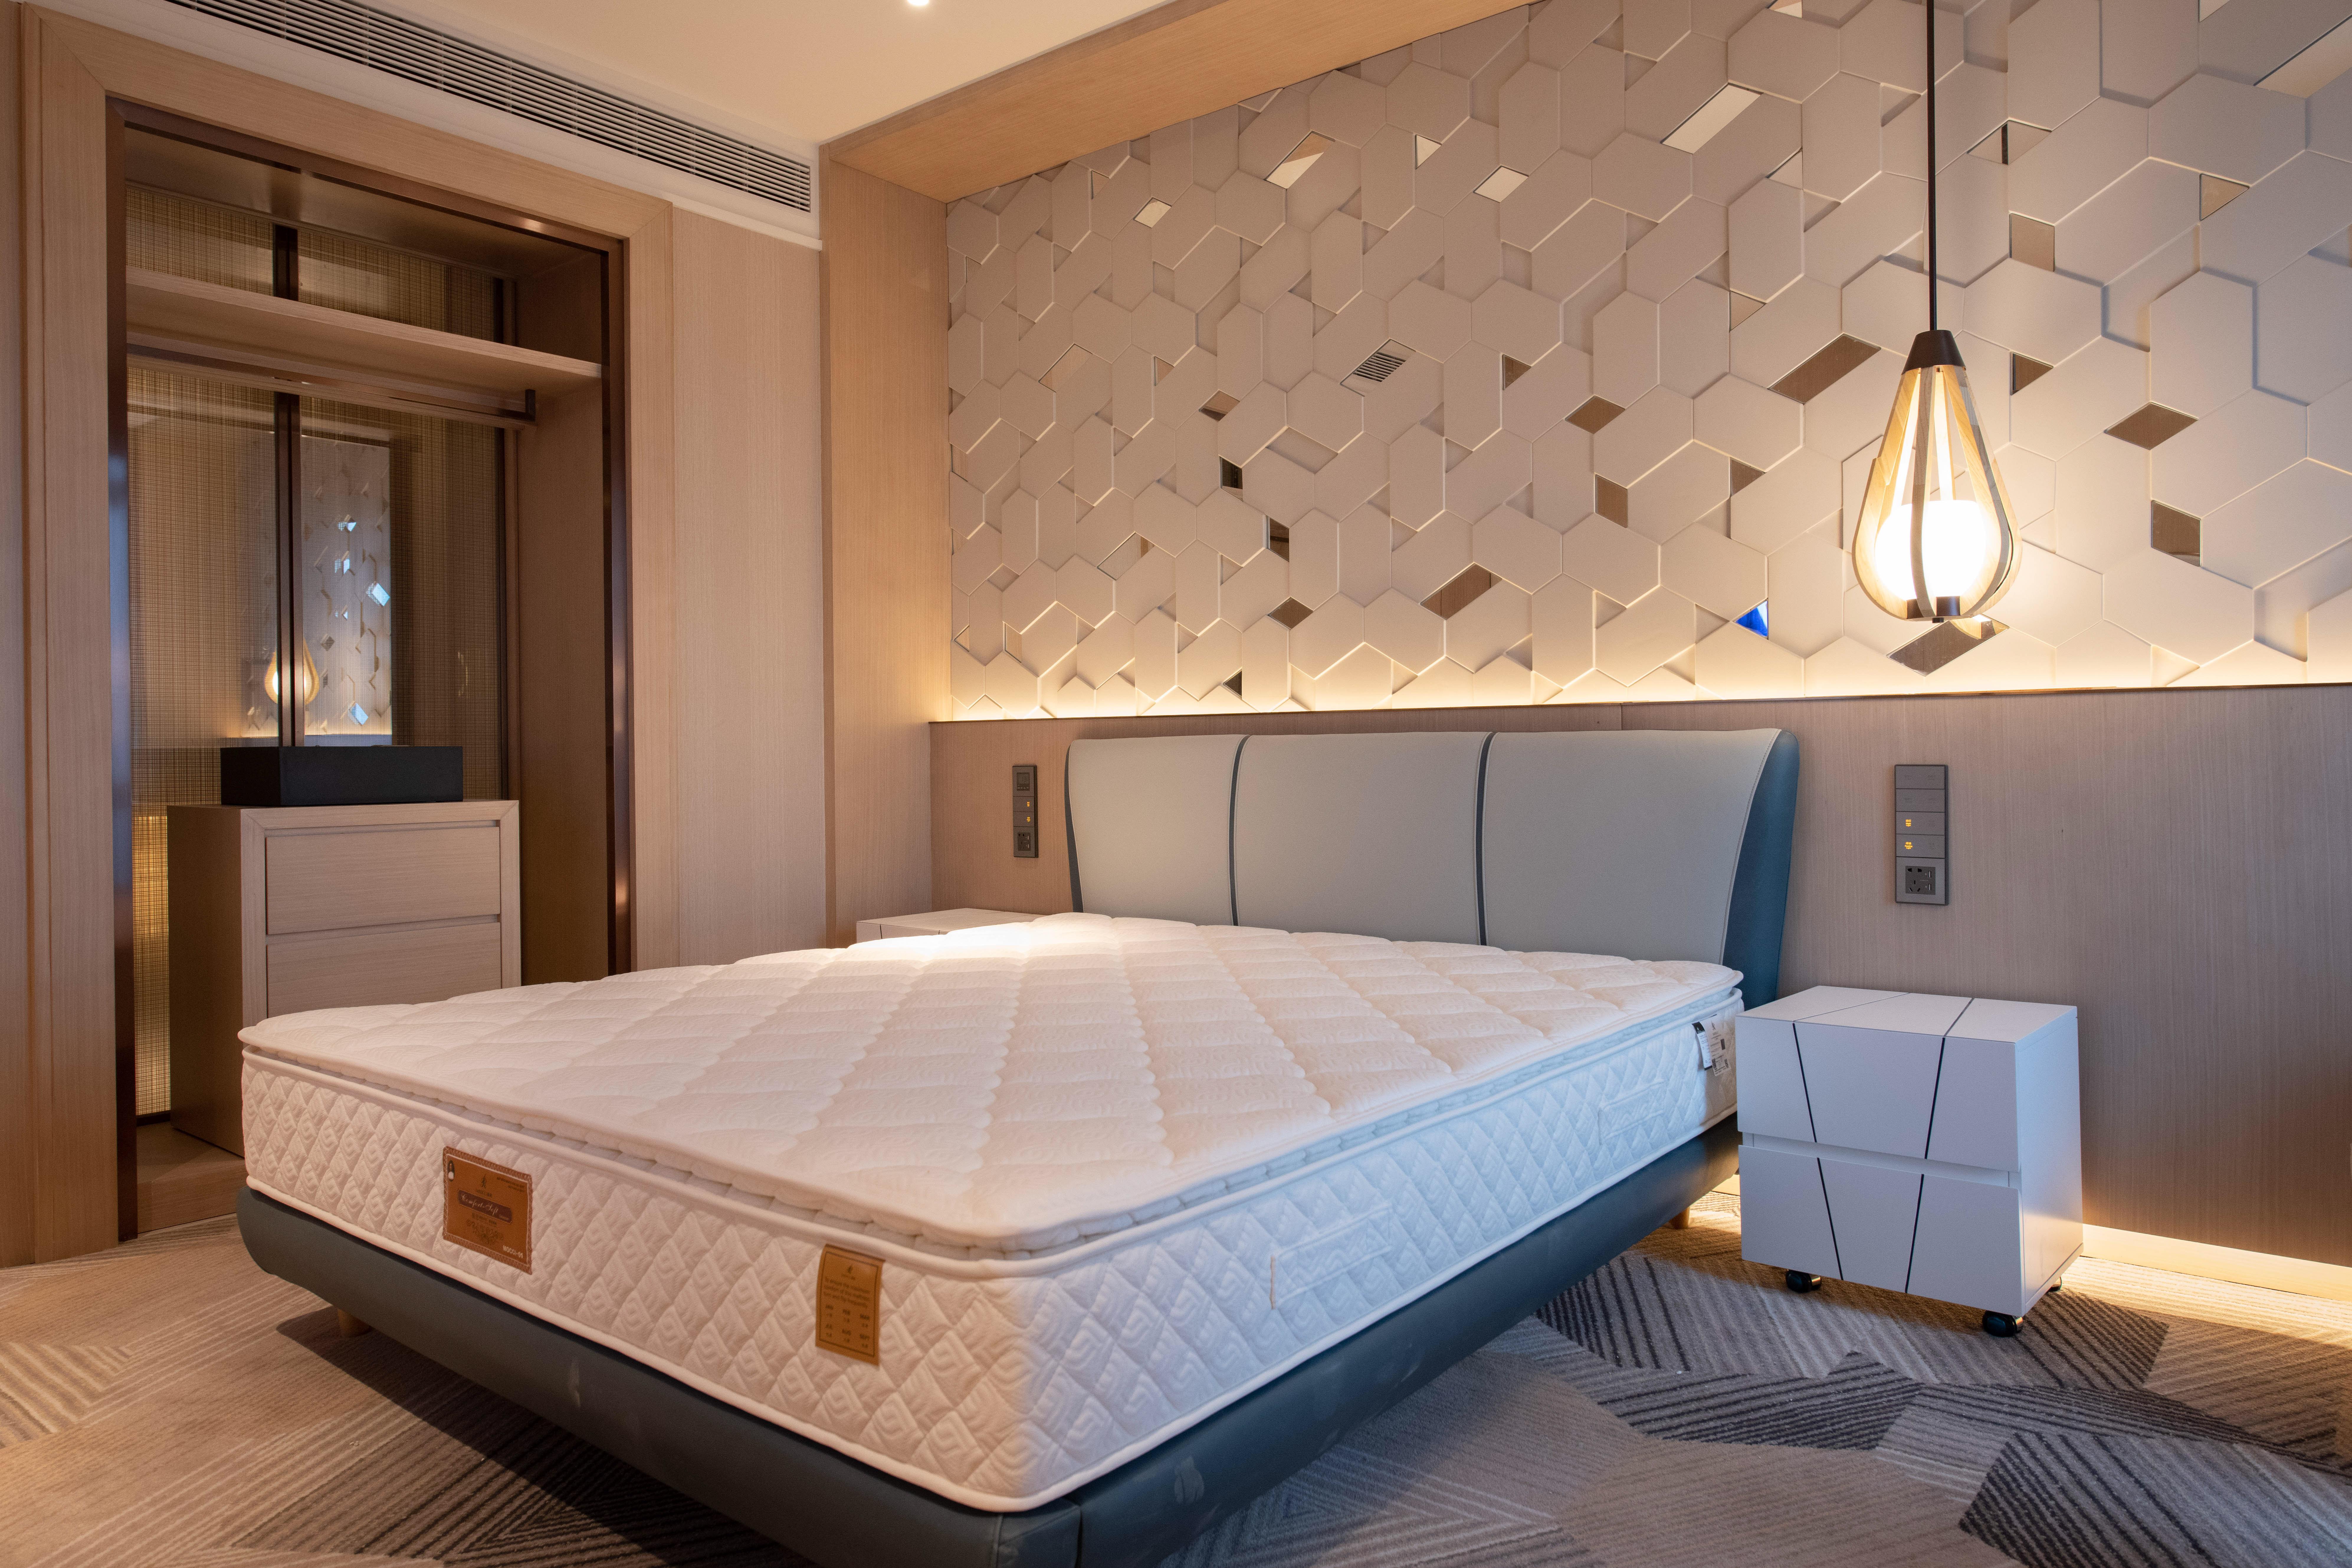 慕思健康睡眠酒店——东莞/上海